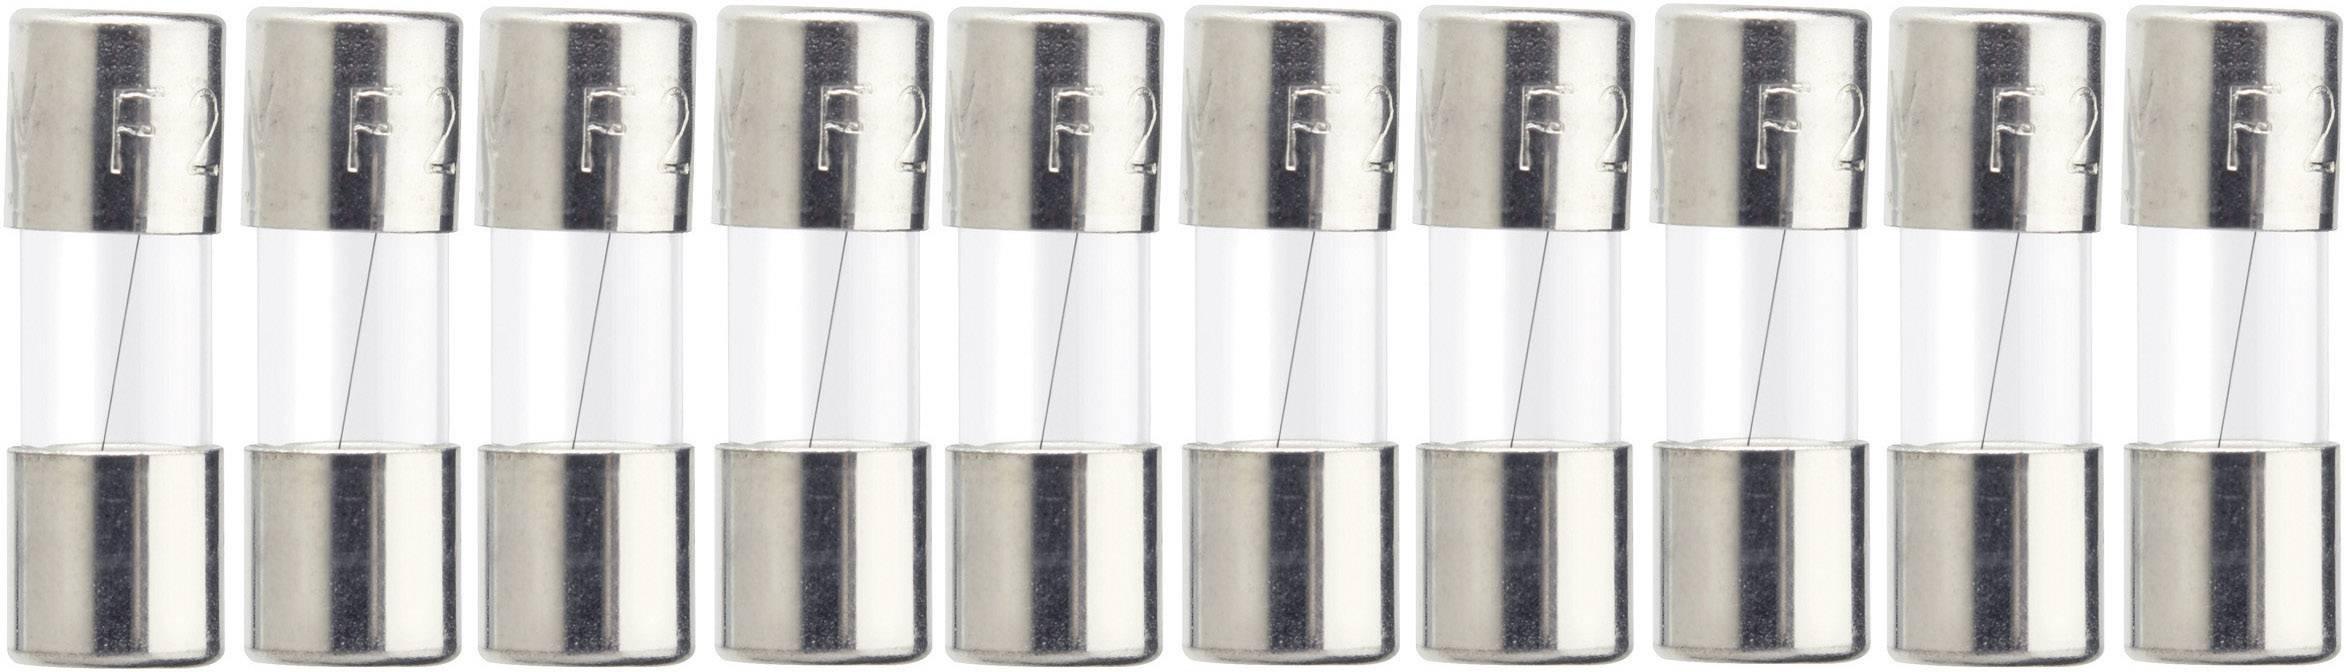 Jemná poistka ESKA 515665, 10 A, 250 V, (Ø x d) 5 mm x 25 mm, stredne pomalý -mT-, 10 ks